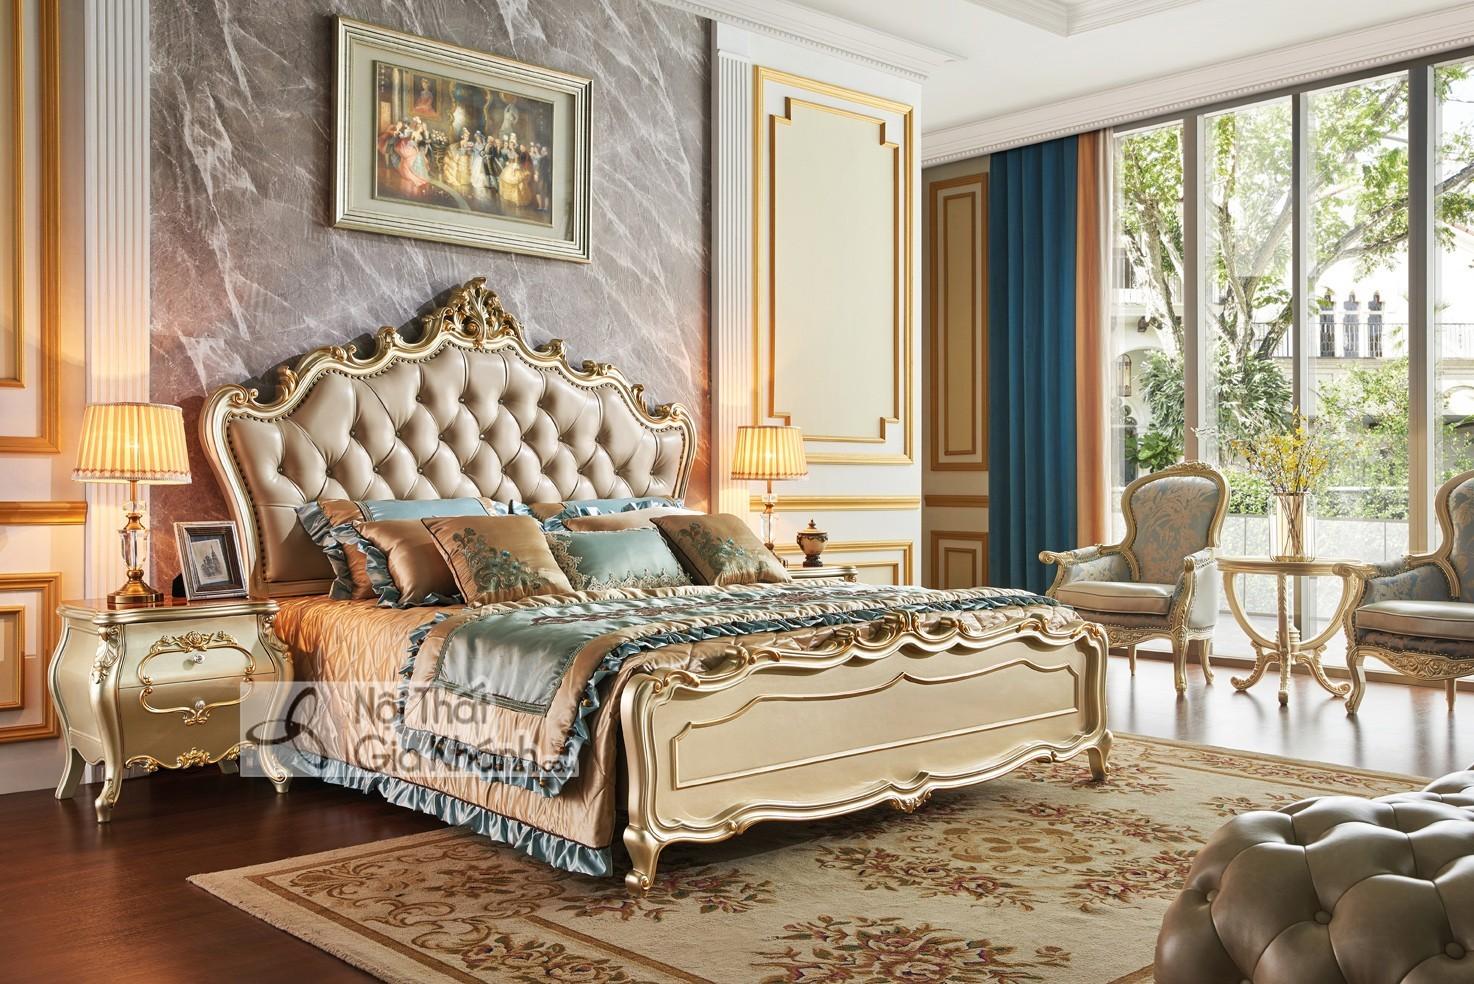 Giường ngủ Tân cổ điển màu vàng rượu Sampanh GI8826A đậm chất Hoàng Gia